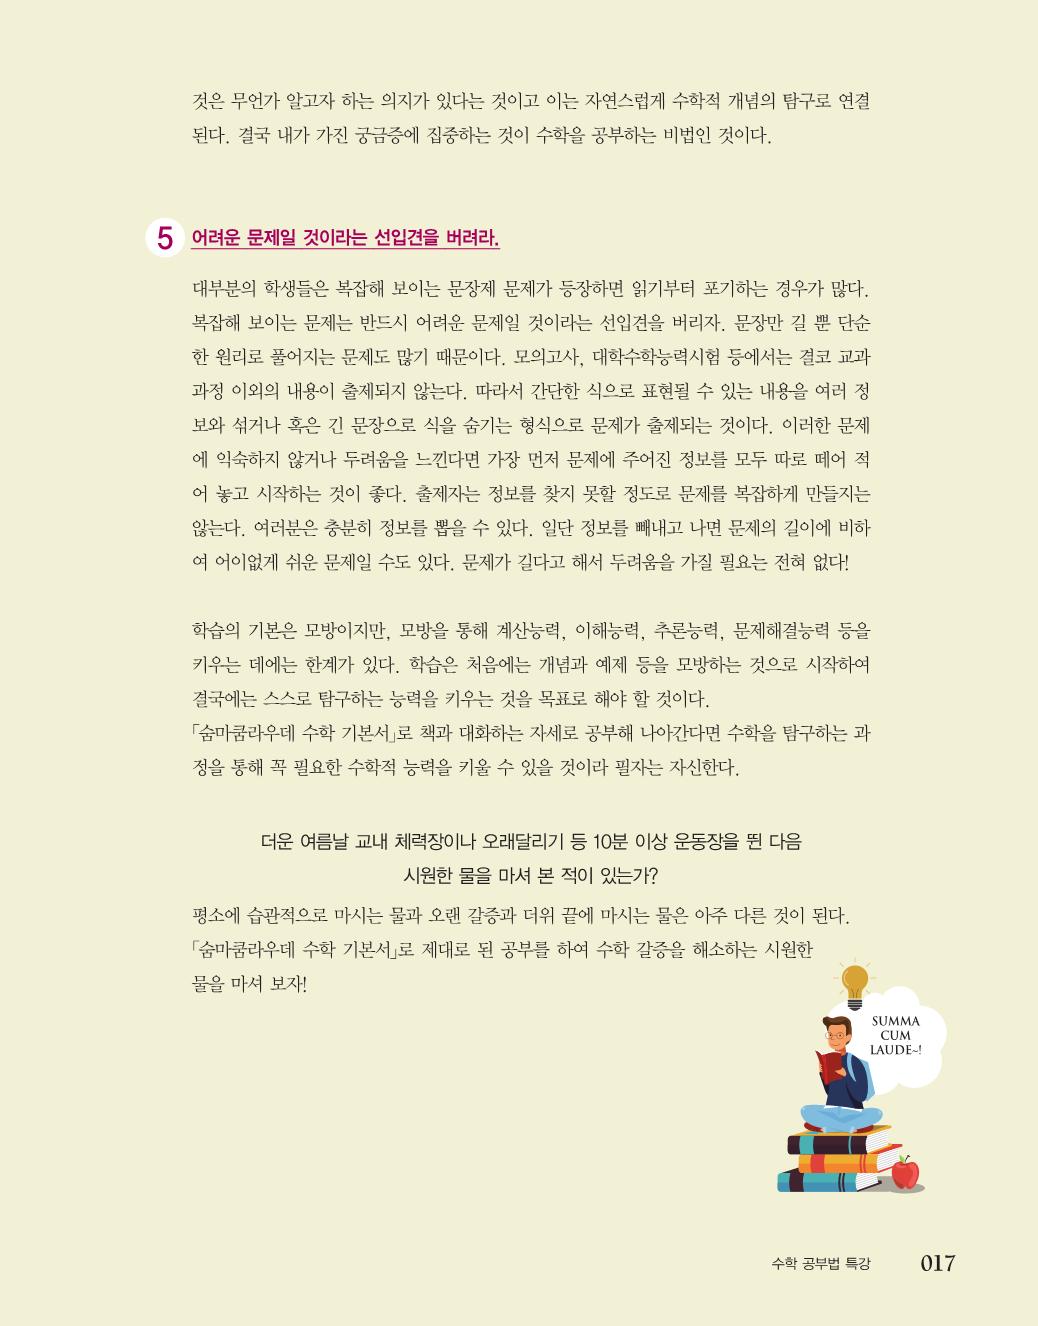 미리보기_숨마쿰라우데_개념기본서_수학114.png